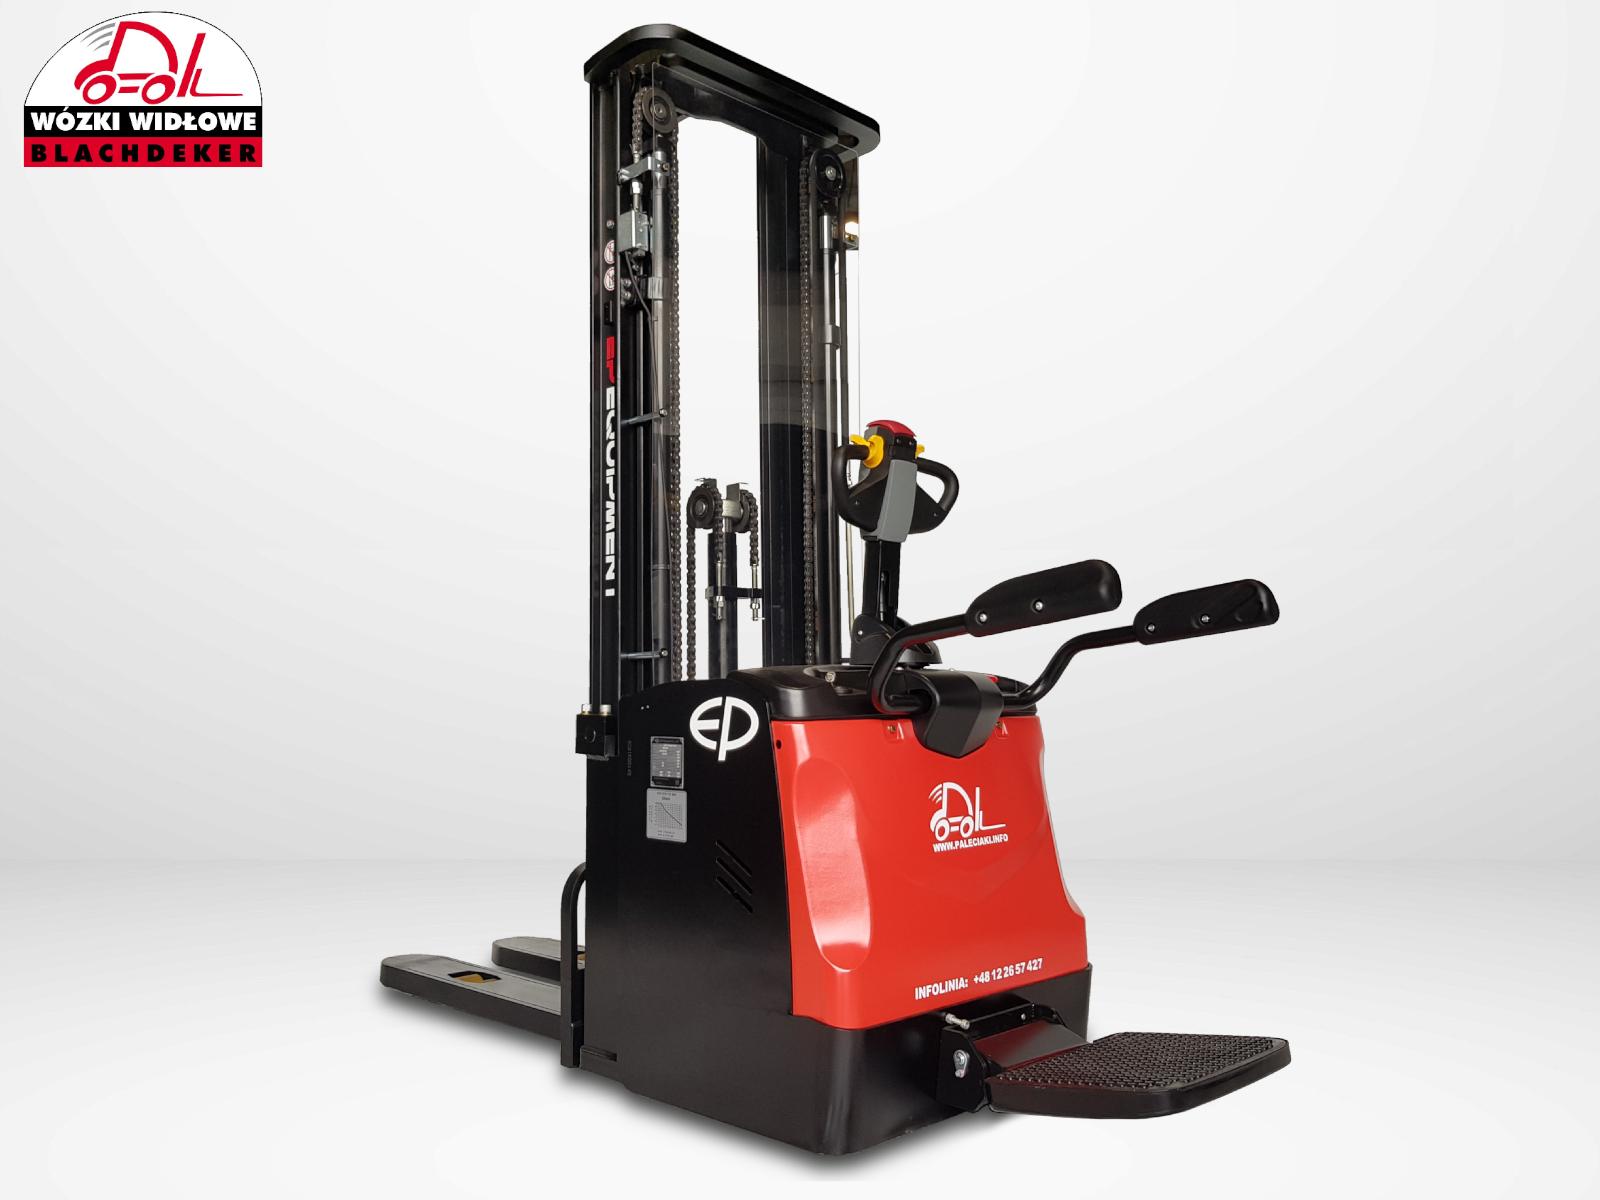 Elektrohubwagen mit Mast EP ES16-RS 5500 TRIPLEX Li-ion